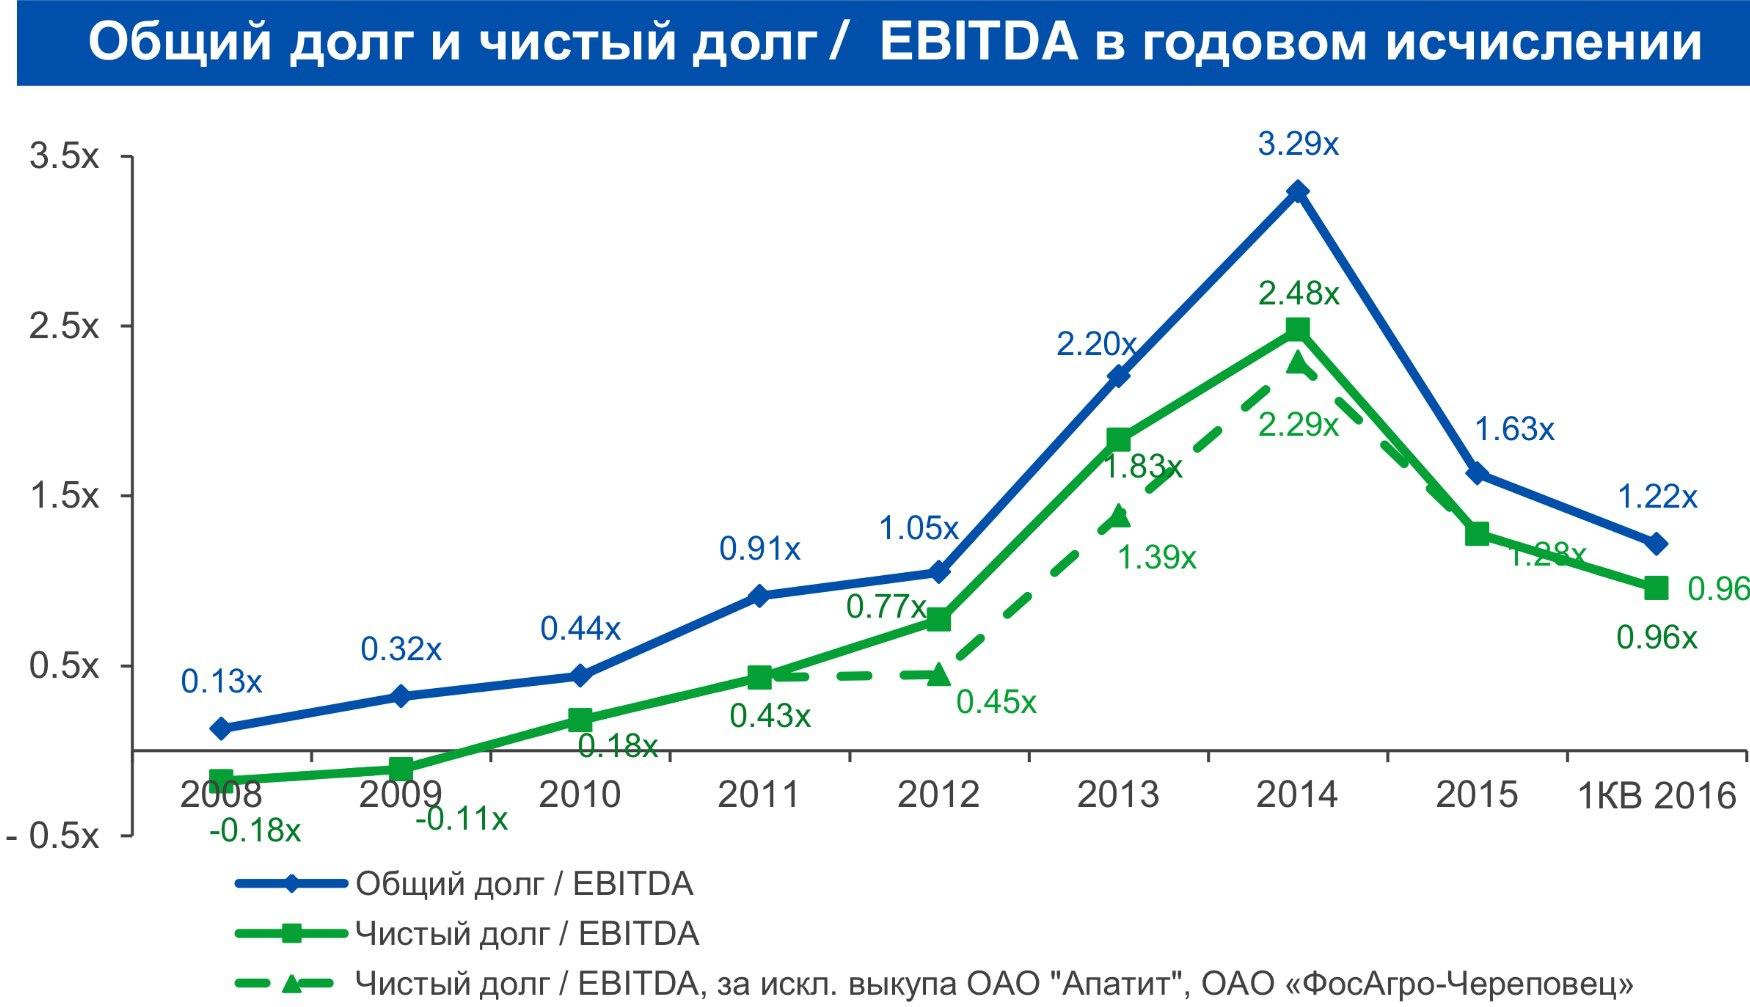 Фосагро выезжает за счет рубля